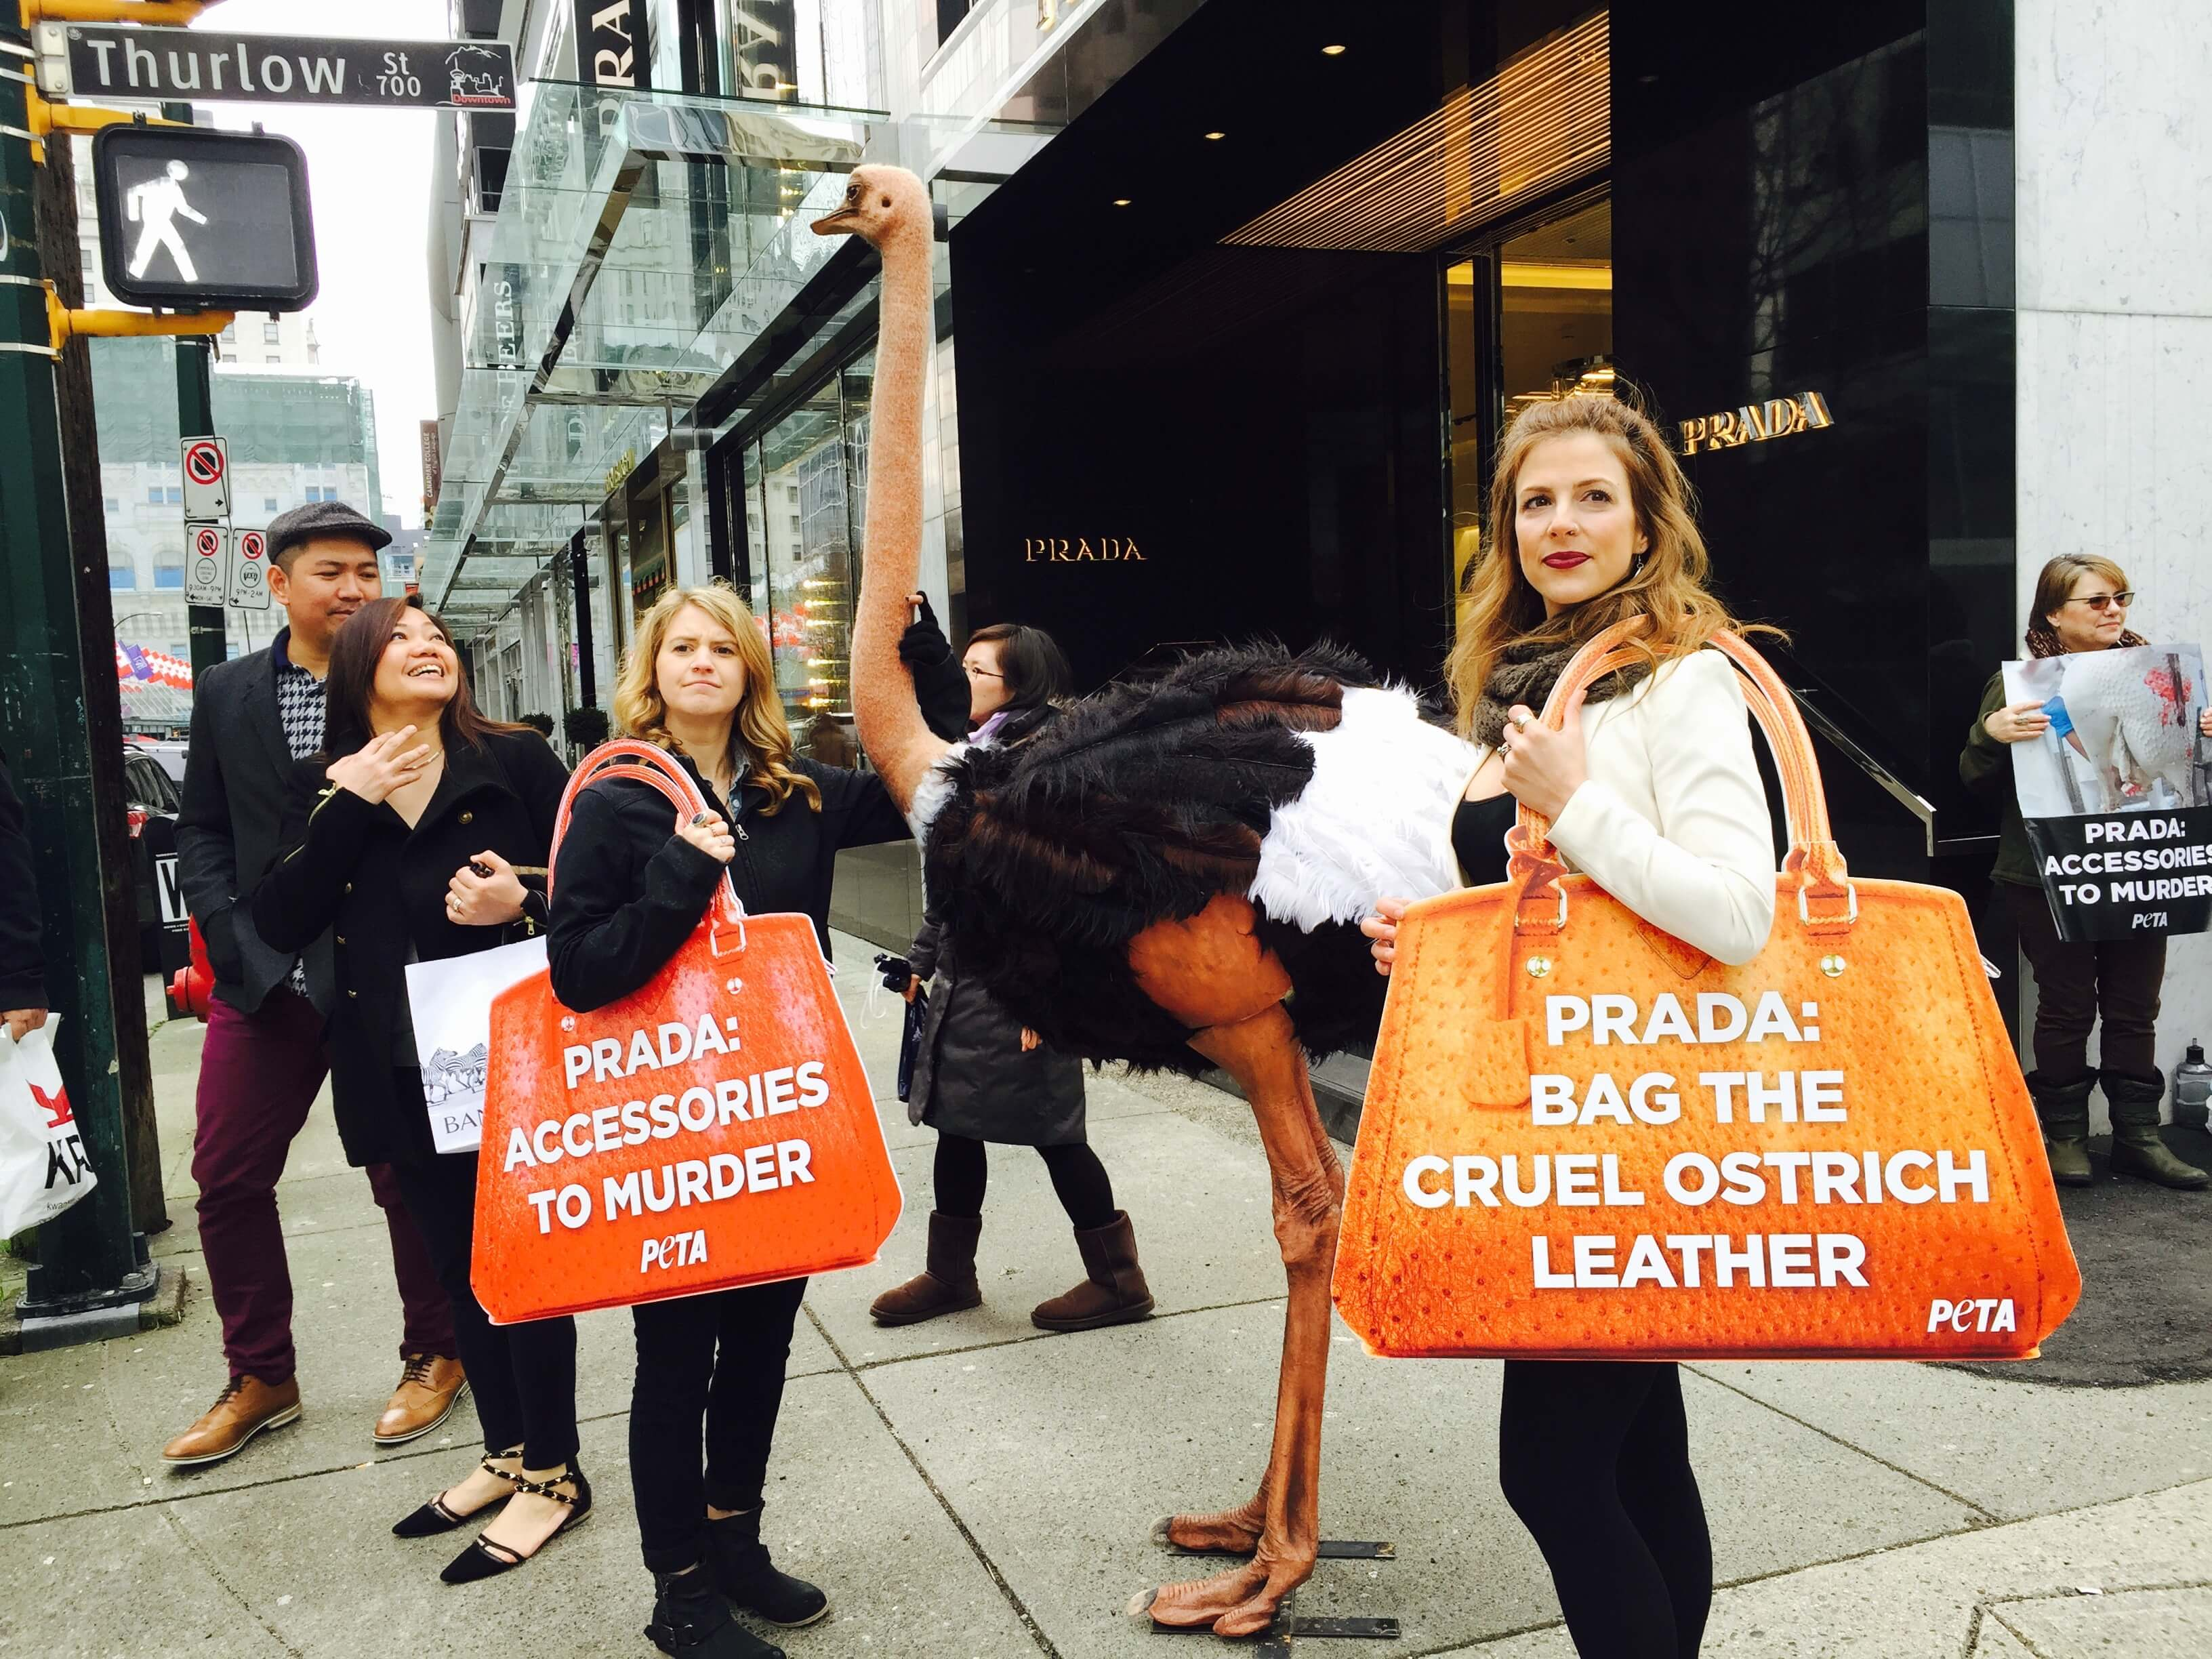 prada saffiano vernice promenade crossbody bag - Prada's Newest Shareholder Is PETA��Find Out Why | PETA's Blog | PETA